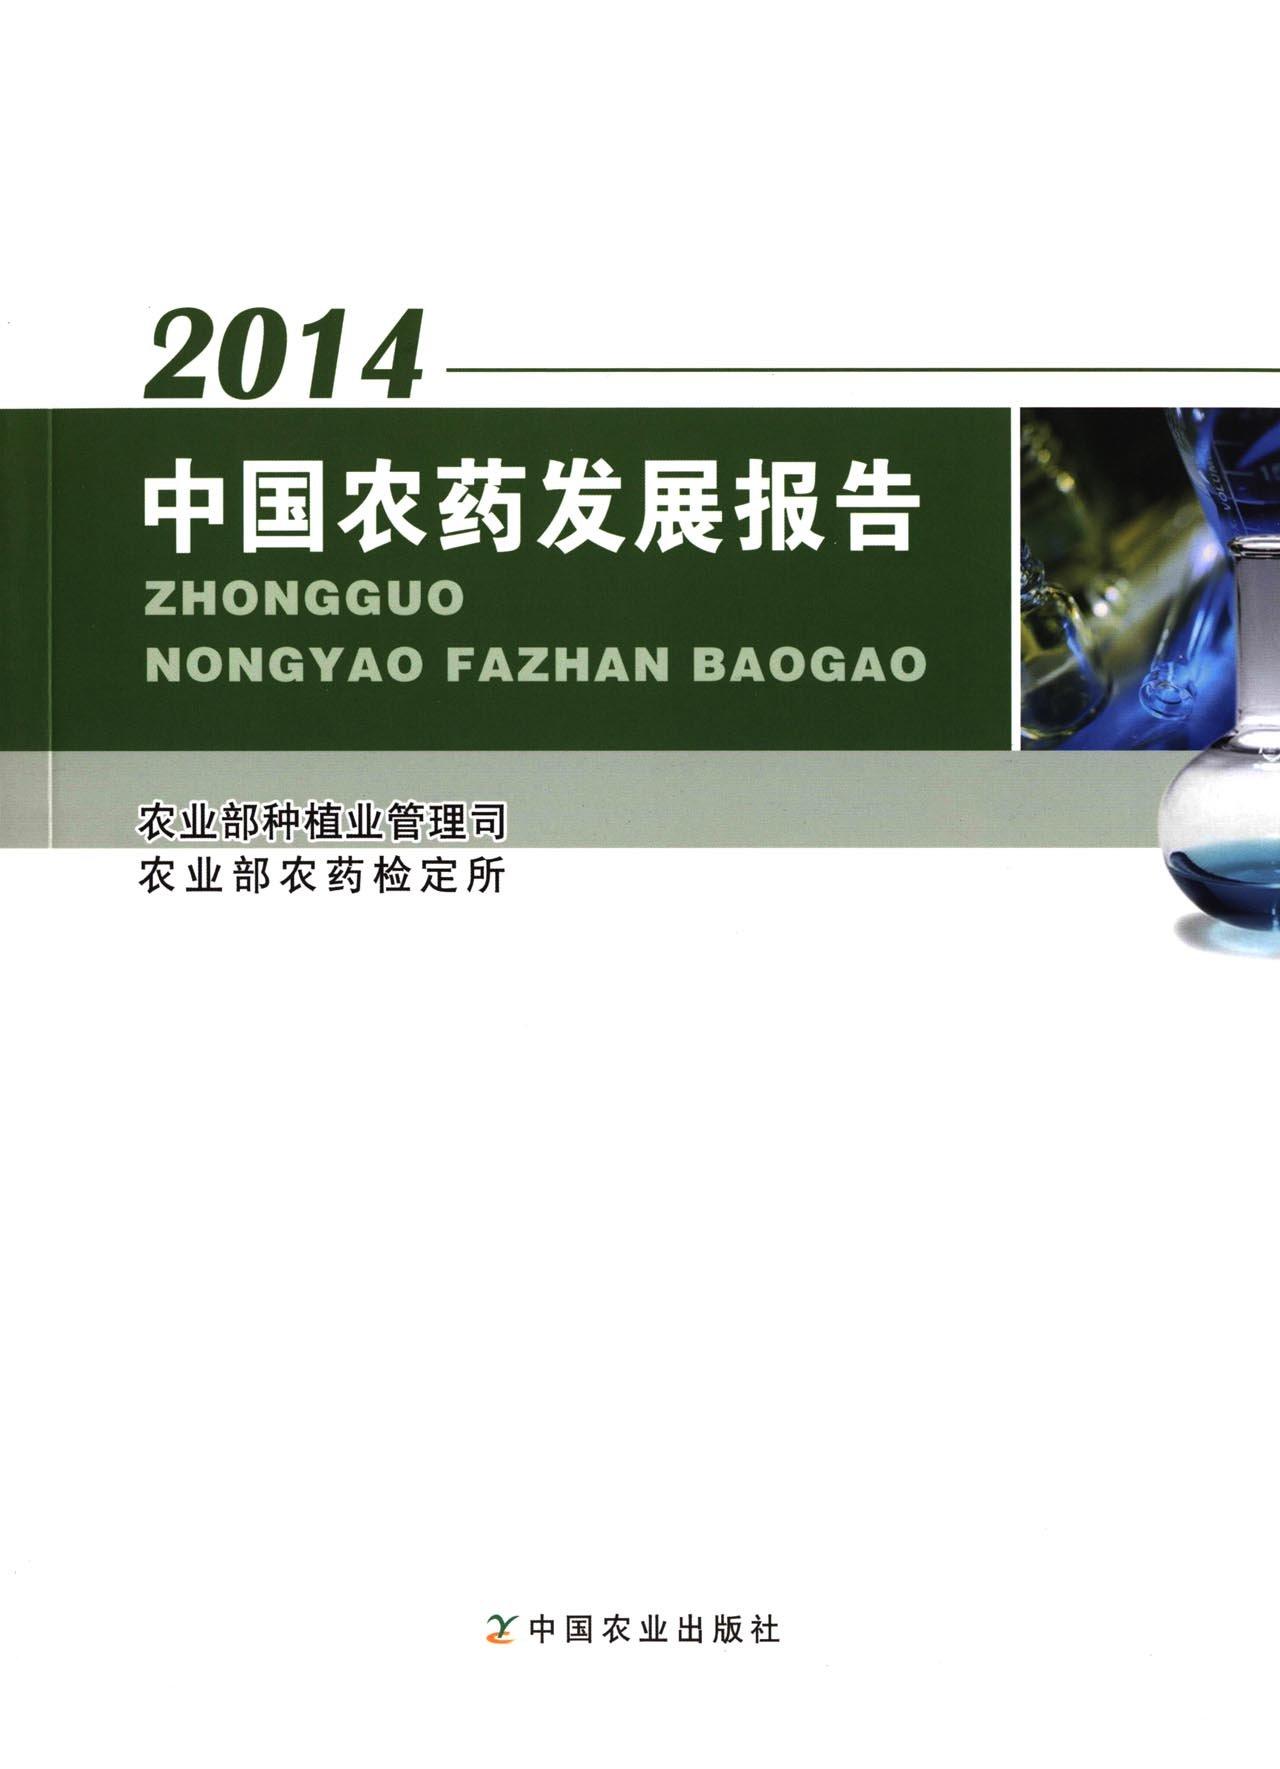 Thuốc trừ sâu  Thuốc trừ sâu phát triển Trung Quốc báo cáo (2014) paperback – 1 tháng 12 năm 2015 Bộ